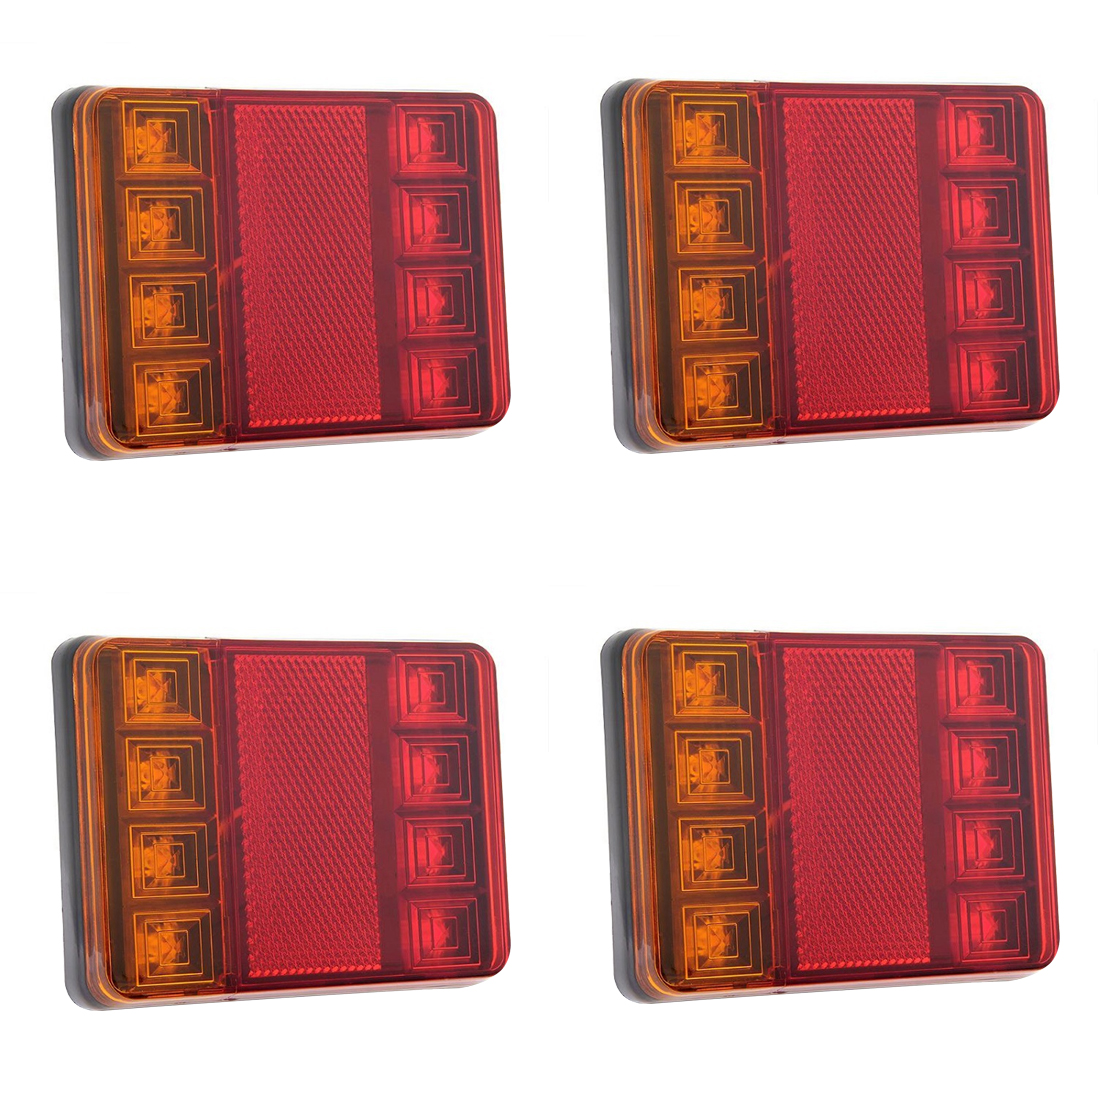 Tonewan 2шт 8 LED автомобиль грузовик задний хвост свет предупреждение огни задние фонари Водонепроницаемый и внутреннее задней части для грузовик прицеп 12 В постоянного тока